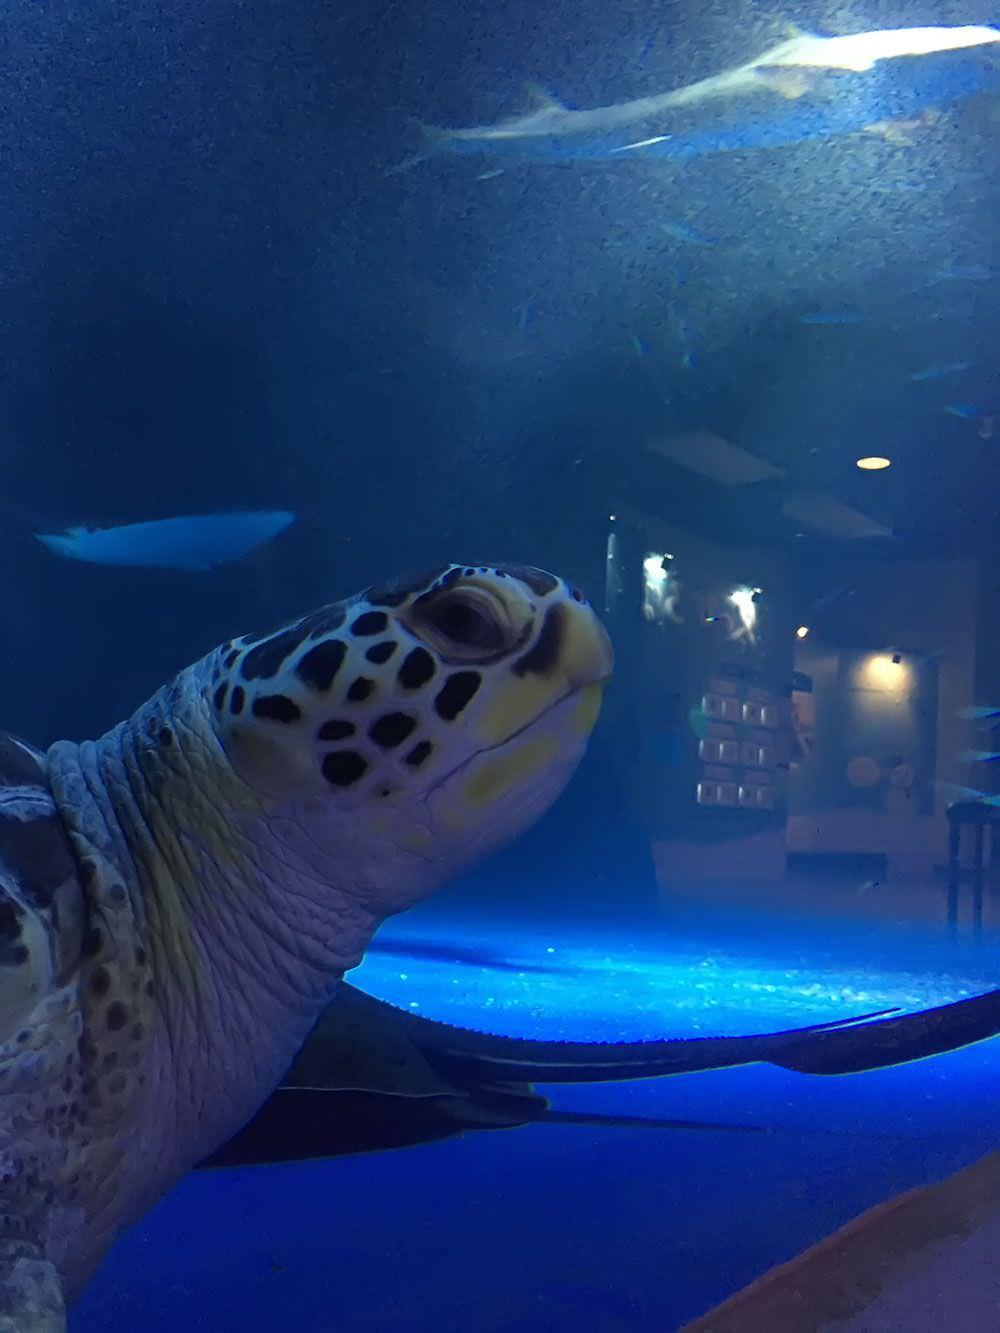 ウミガメと目が合う